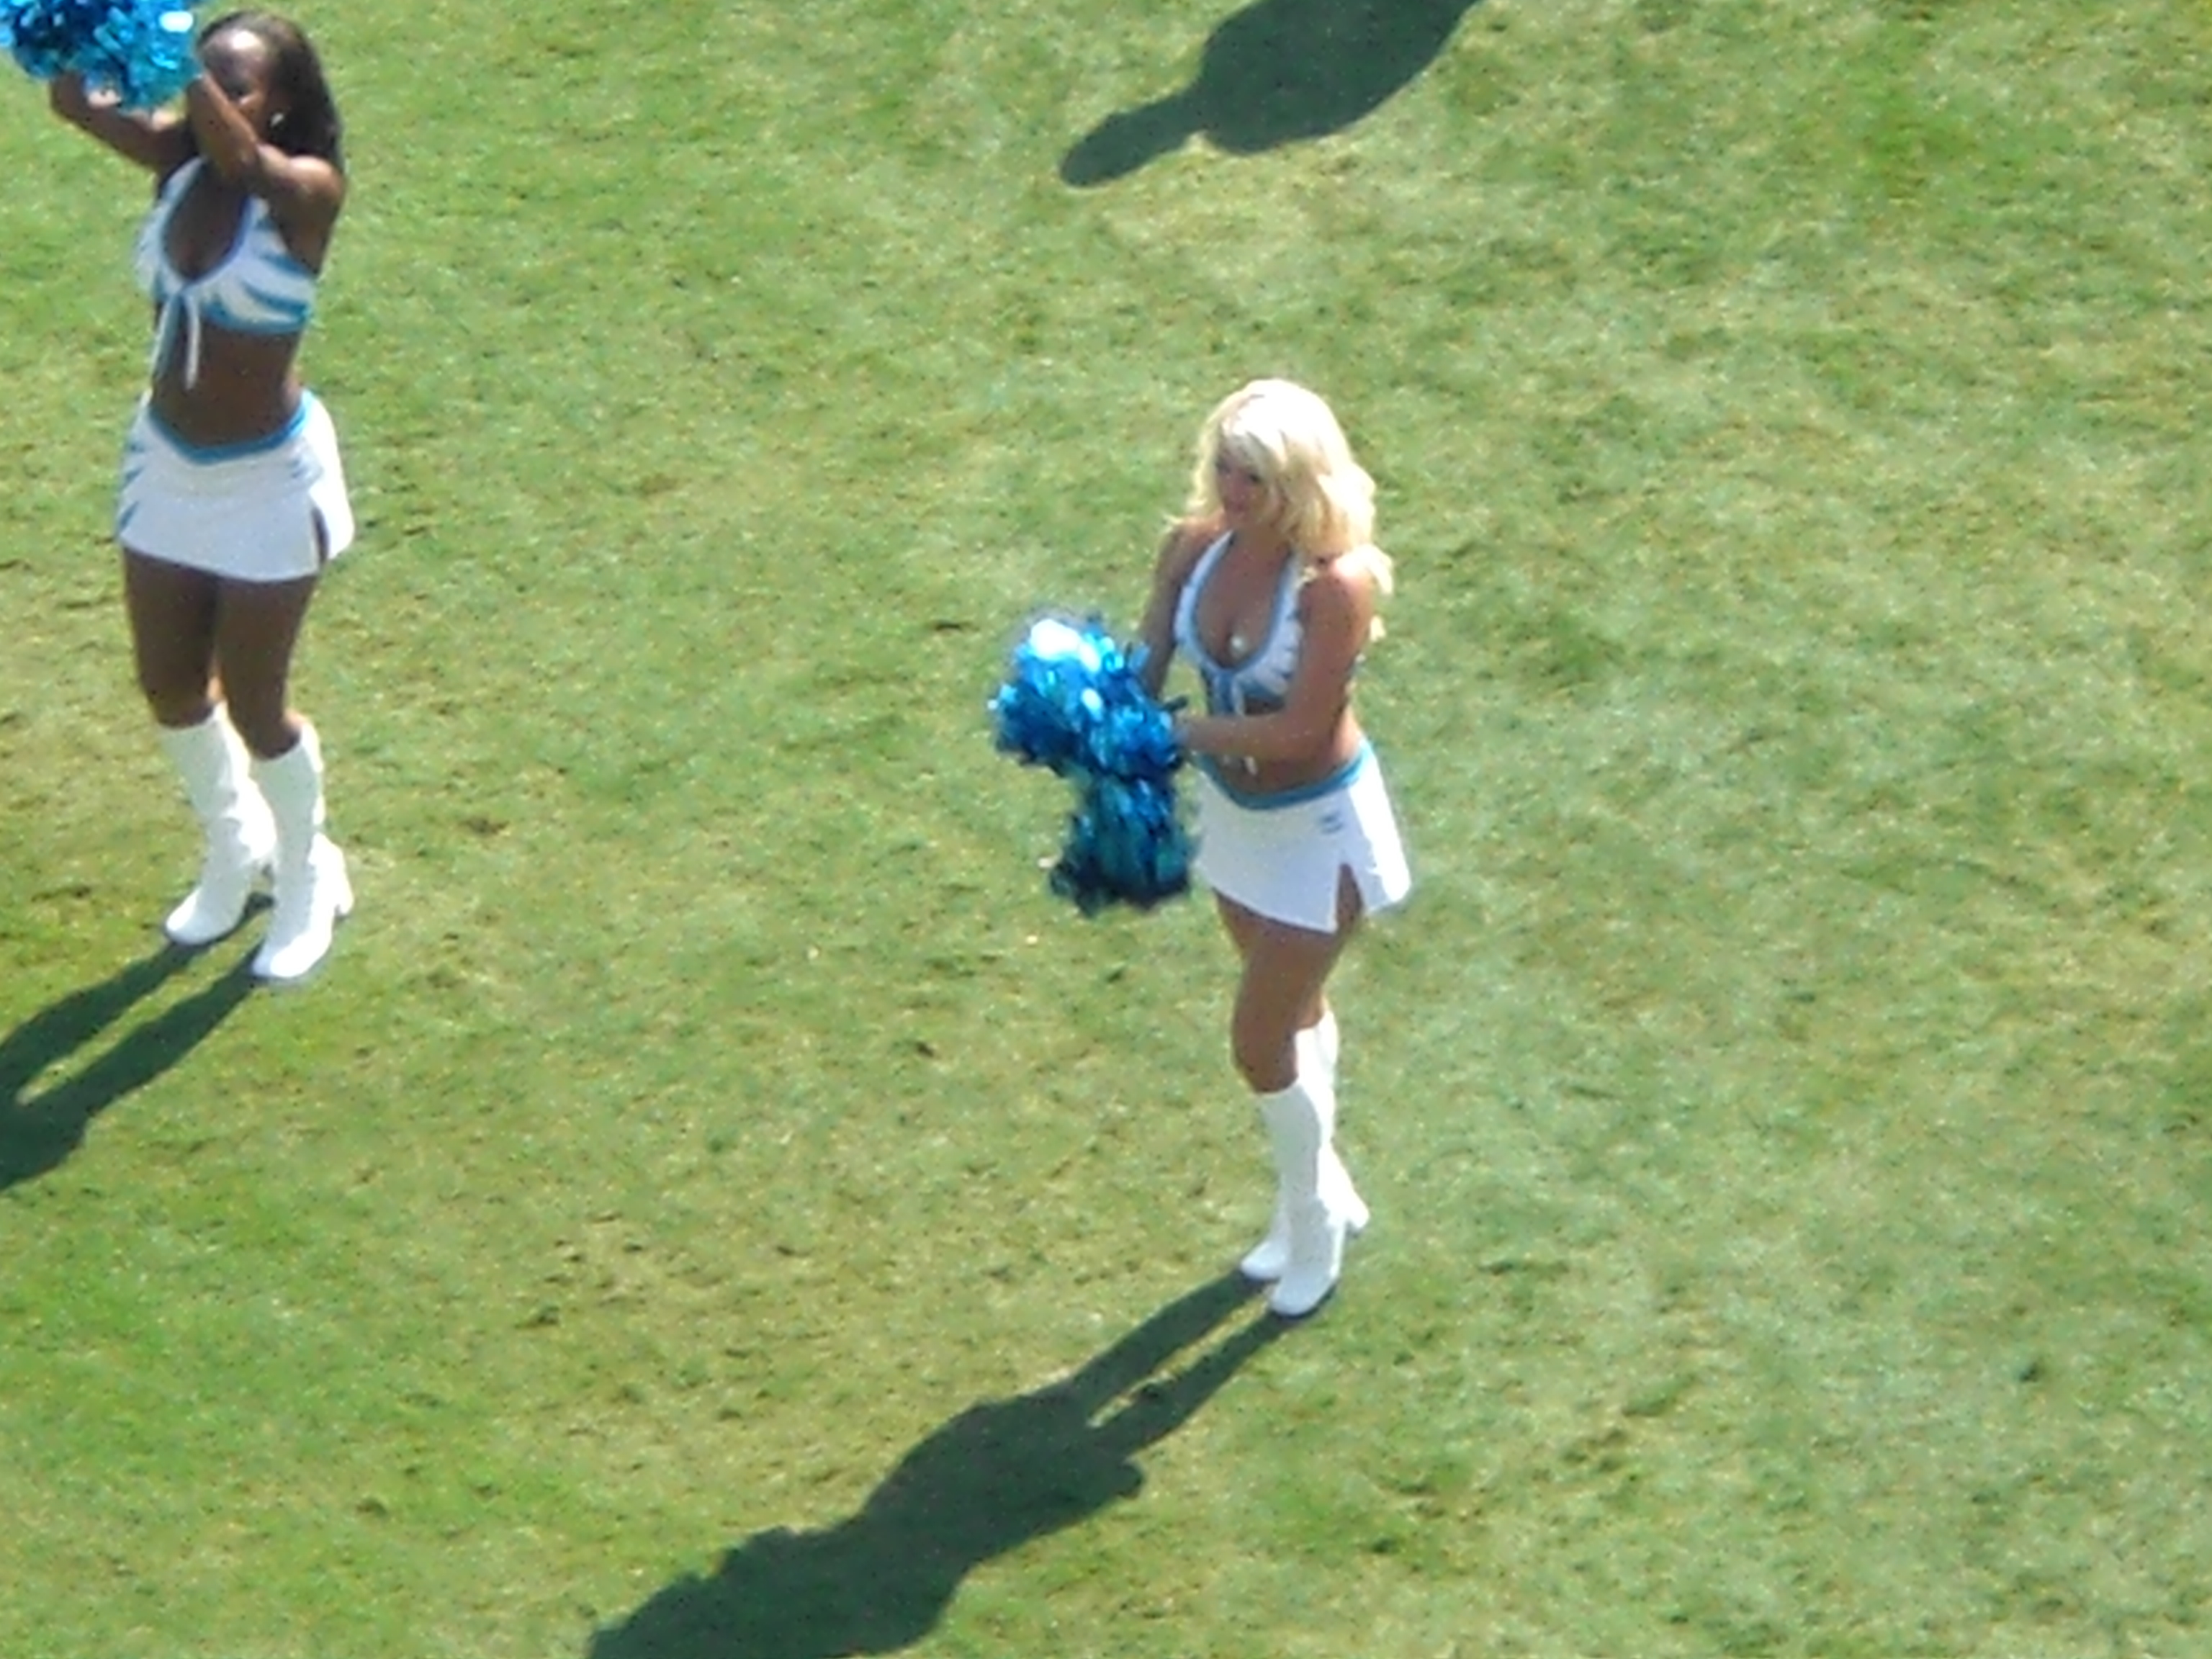 Jill cheering